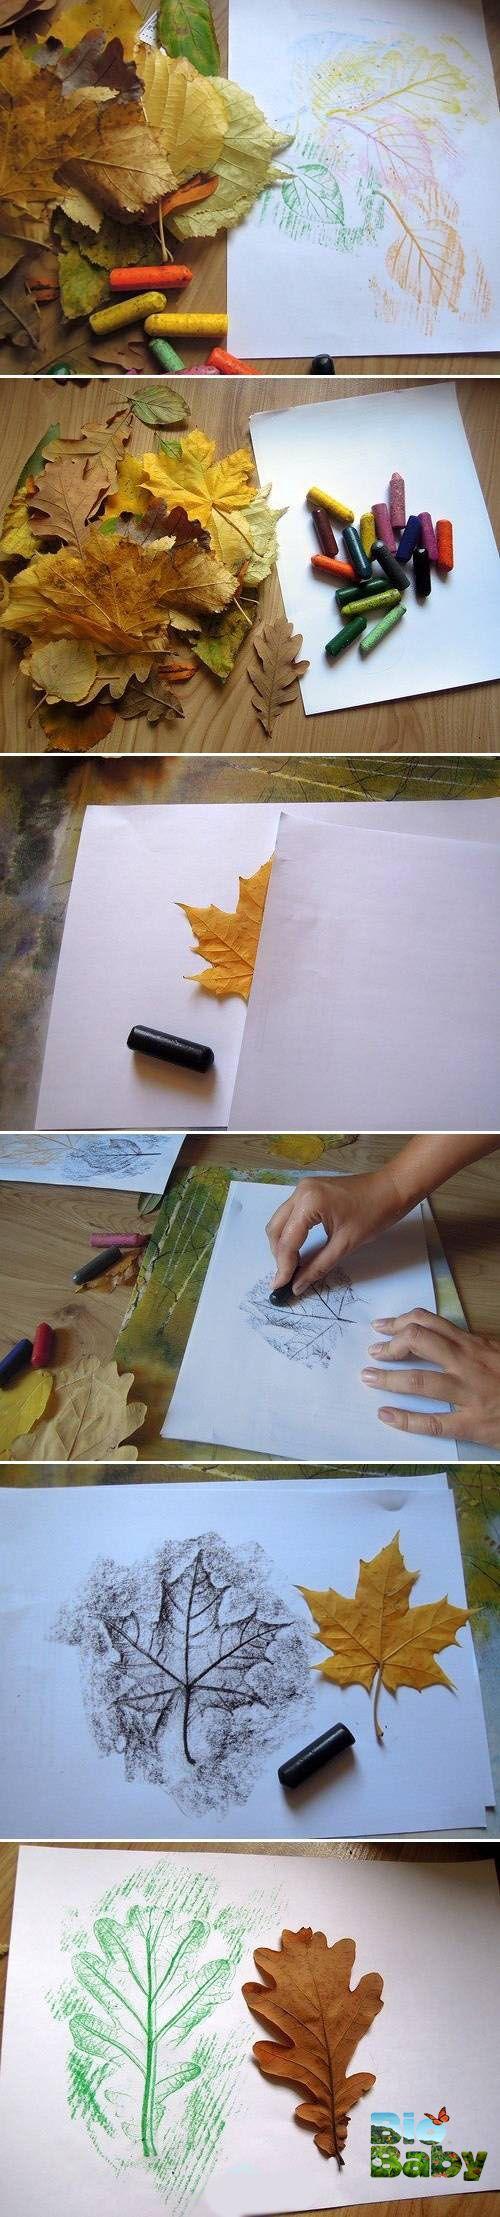 Desenhe folhas fácil com giz de cera e papel                                                                                                                                                                                 Mais